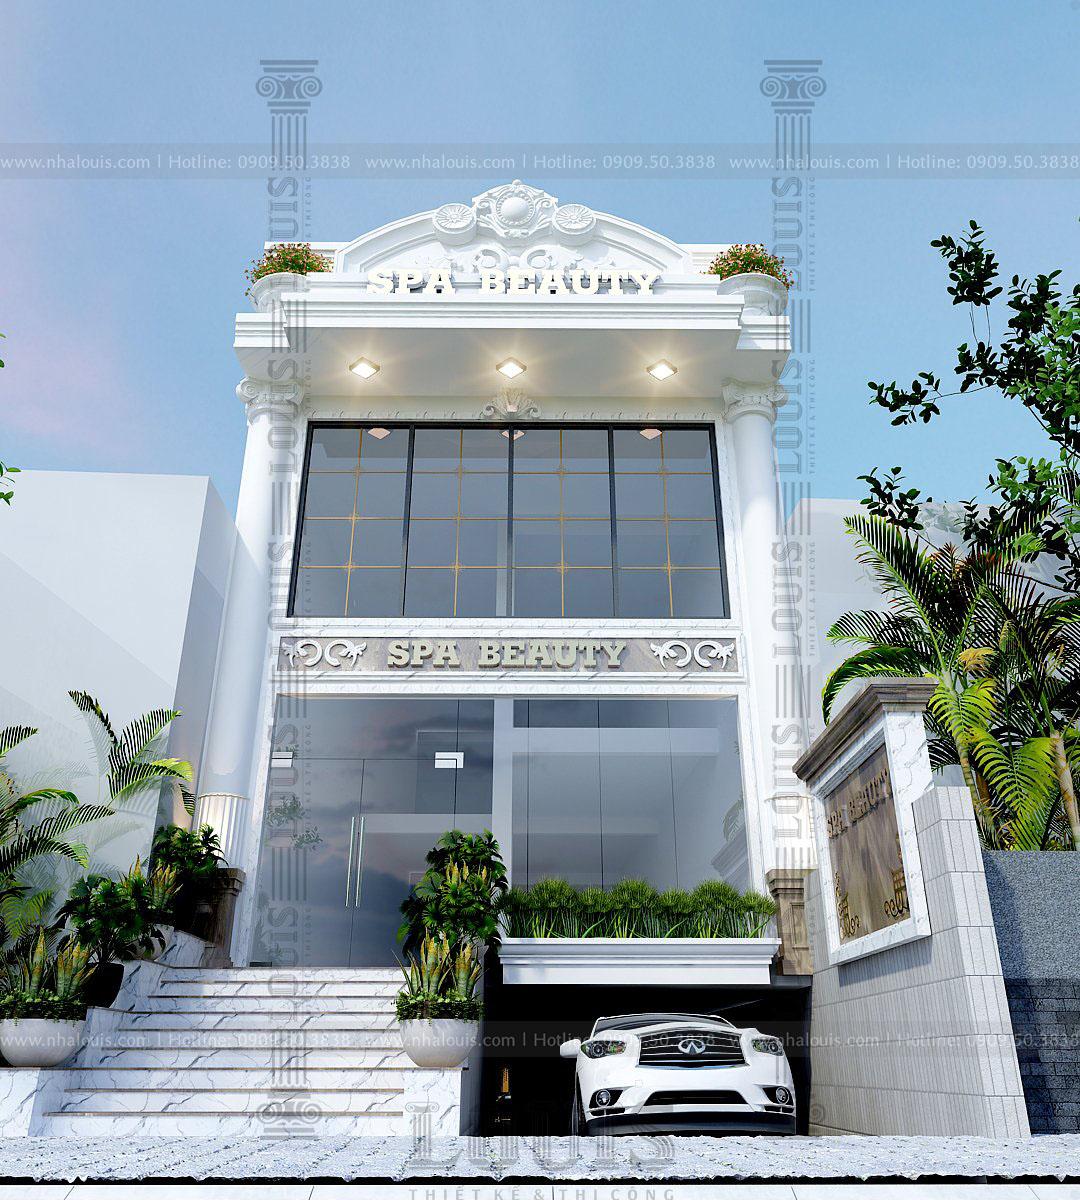 thiết kế biệt thự kết hợp kinh doanh spa